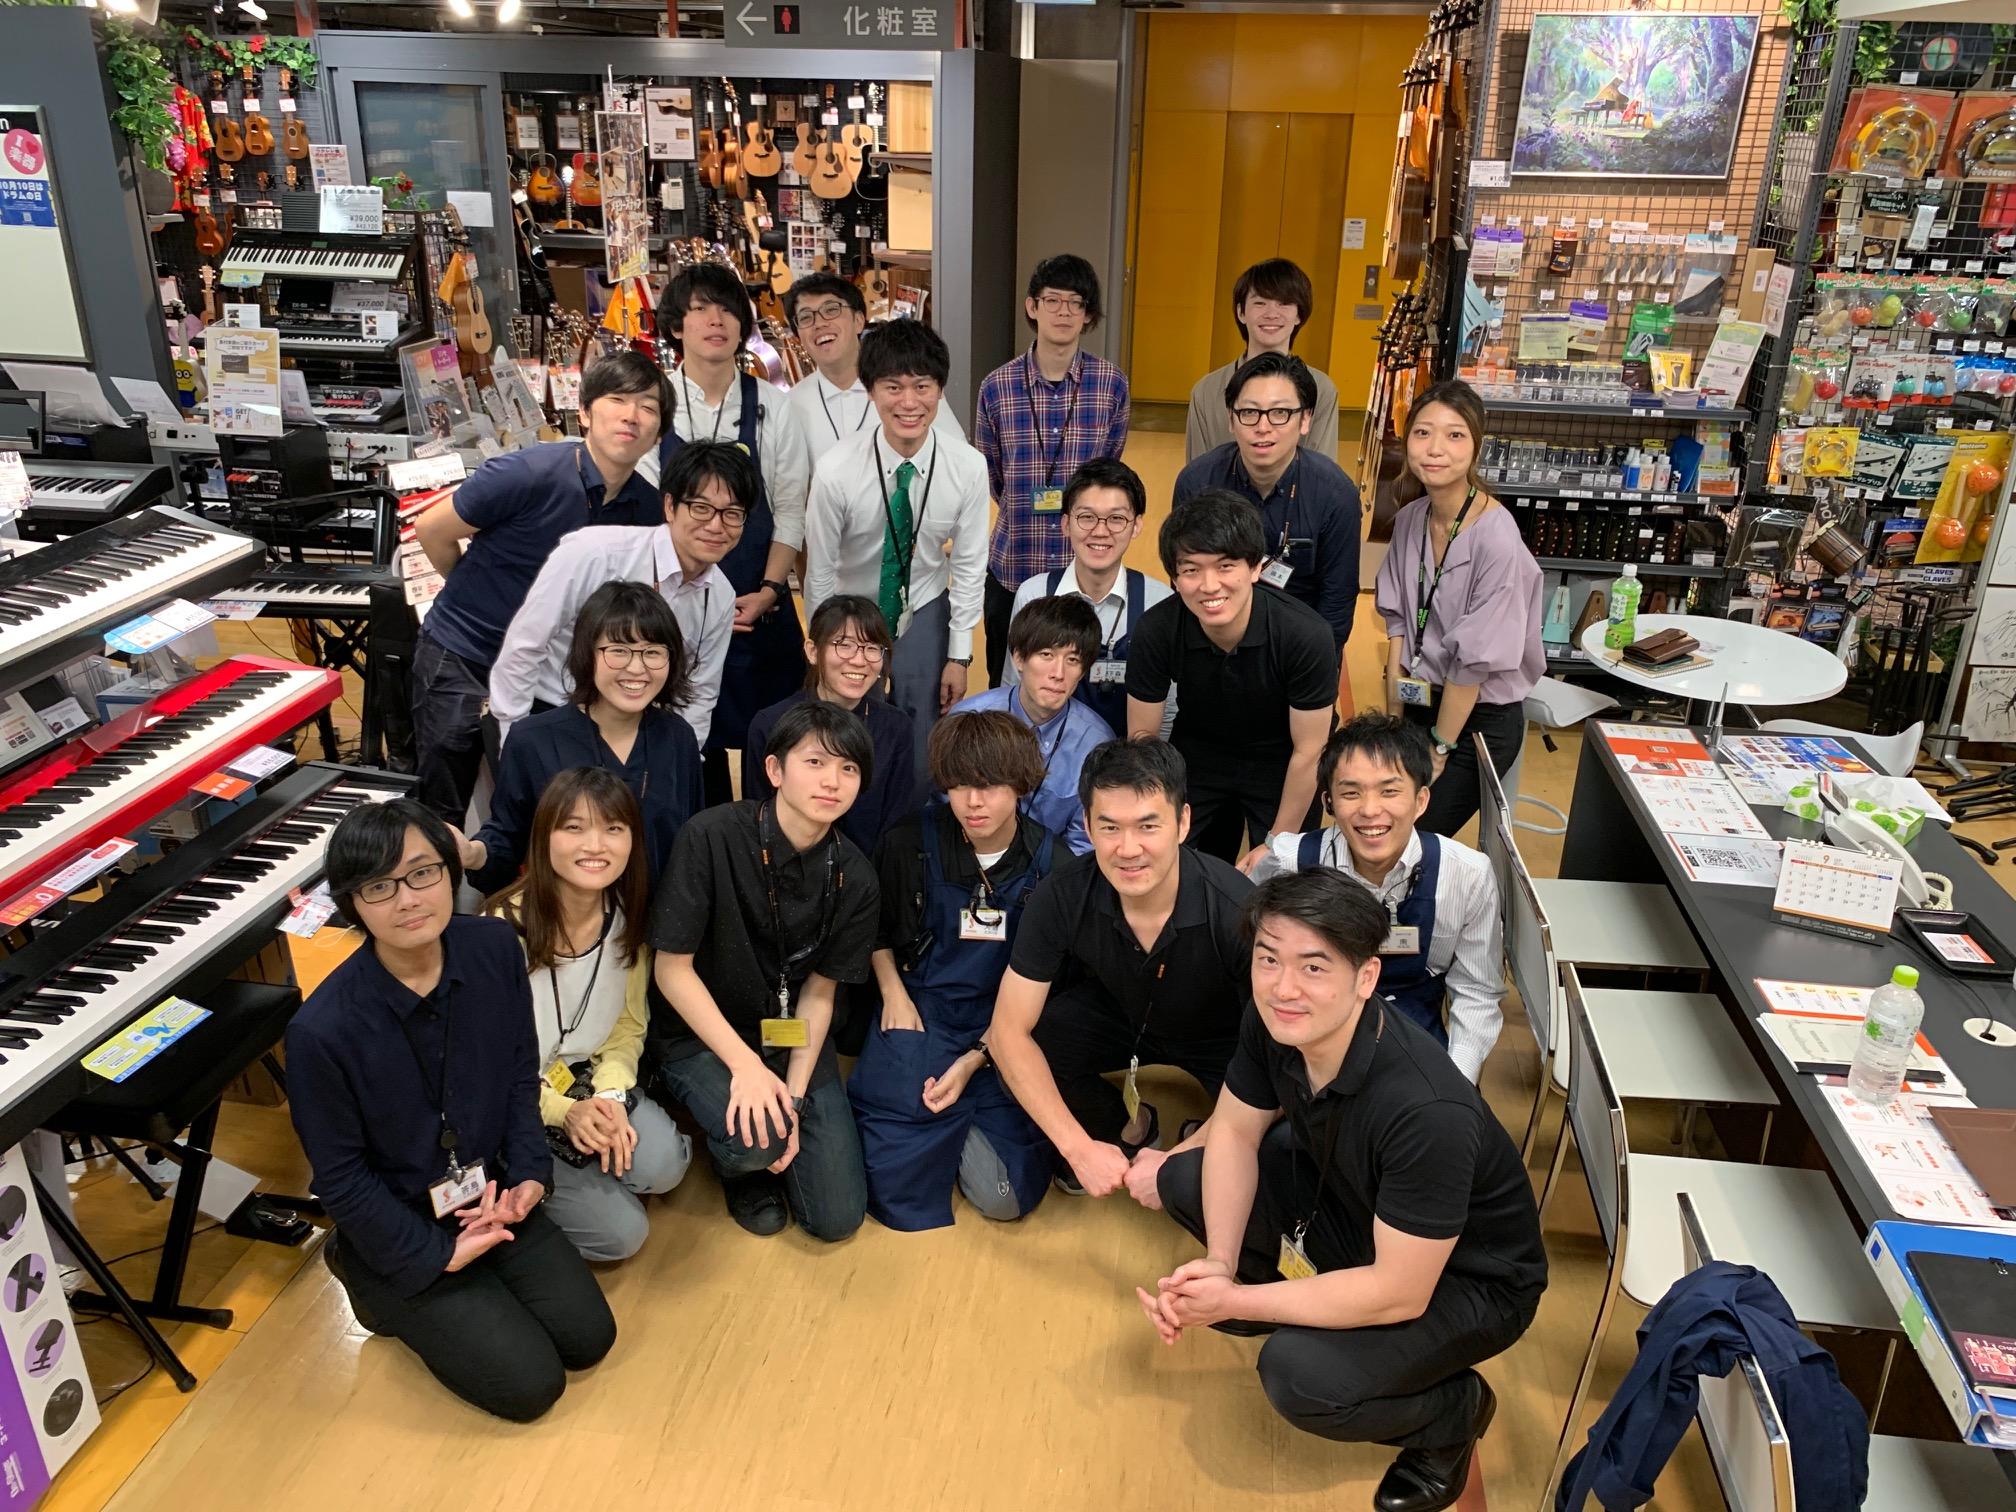 島村楽器梅田ロフト店 スタッフ